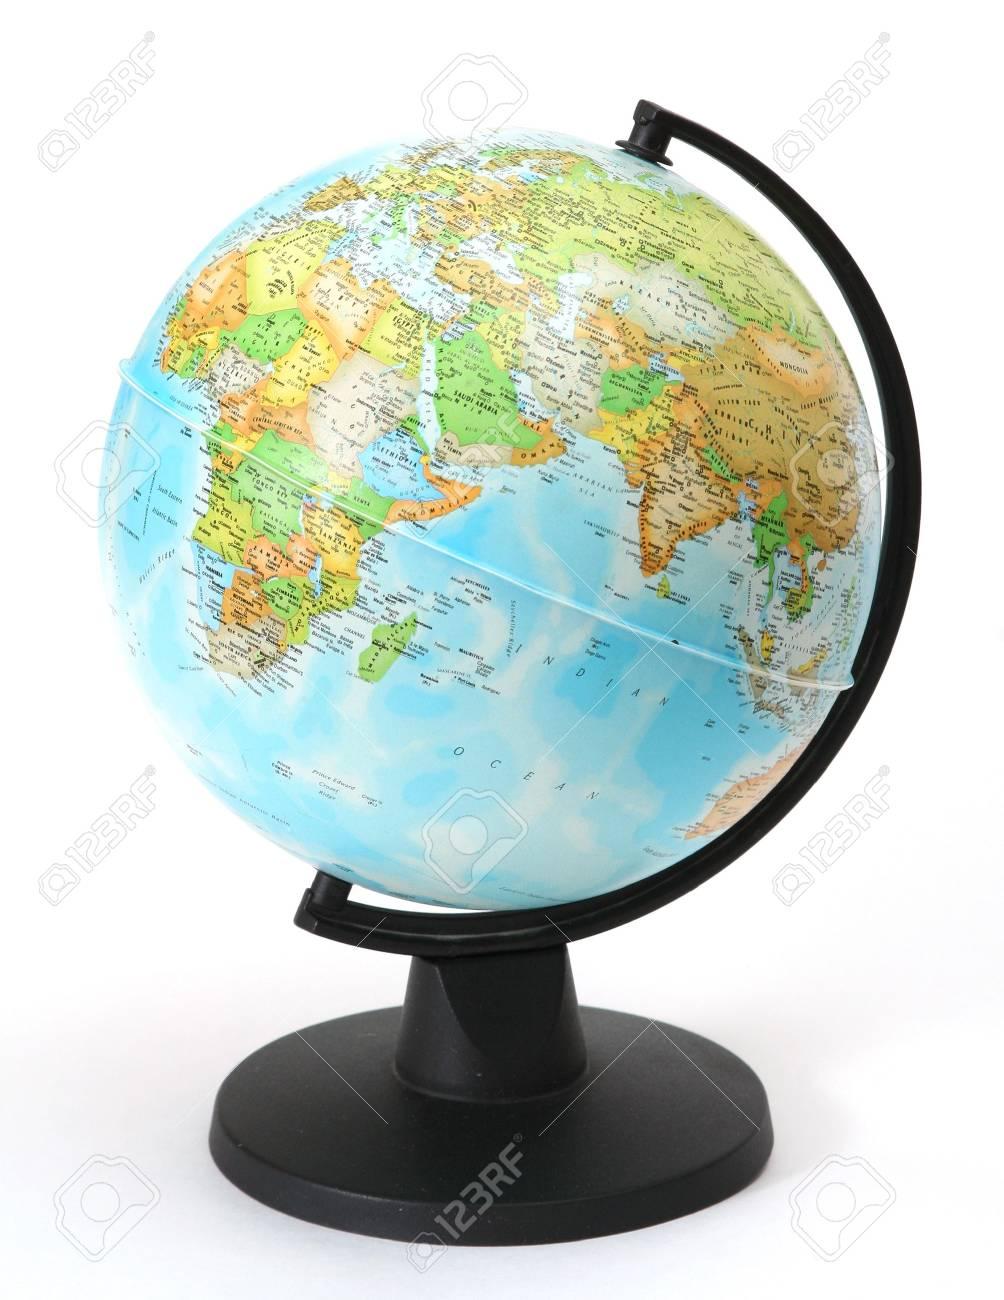 Karte Erde.Stock Photo